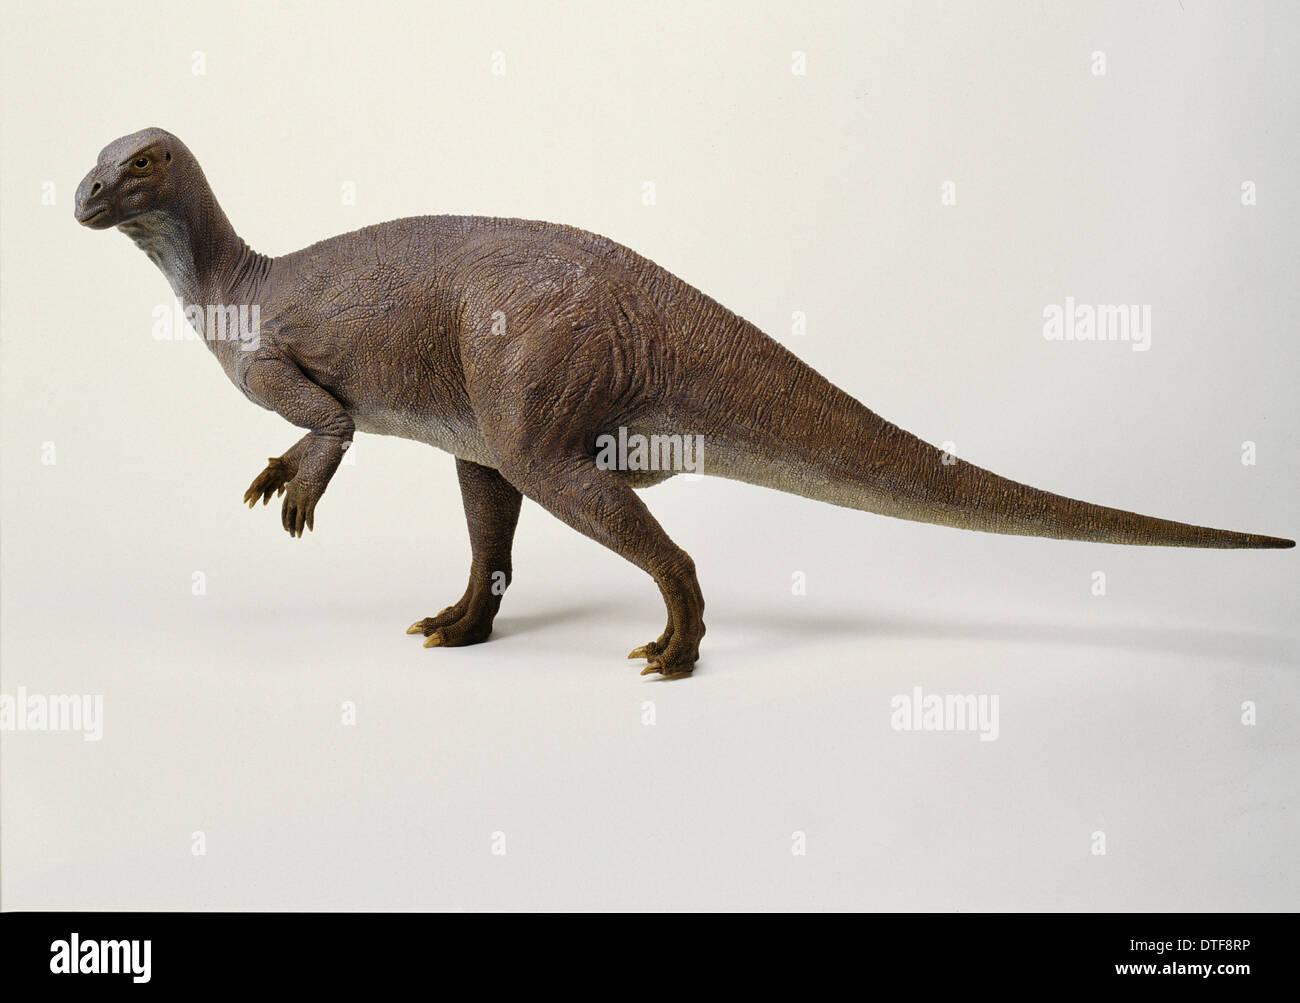 Iguanodon model, 1990s - Stock Image